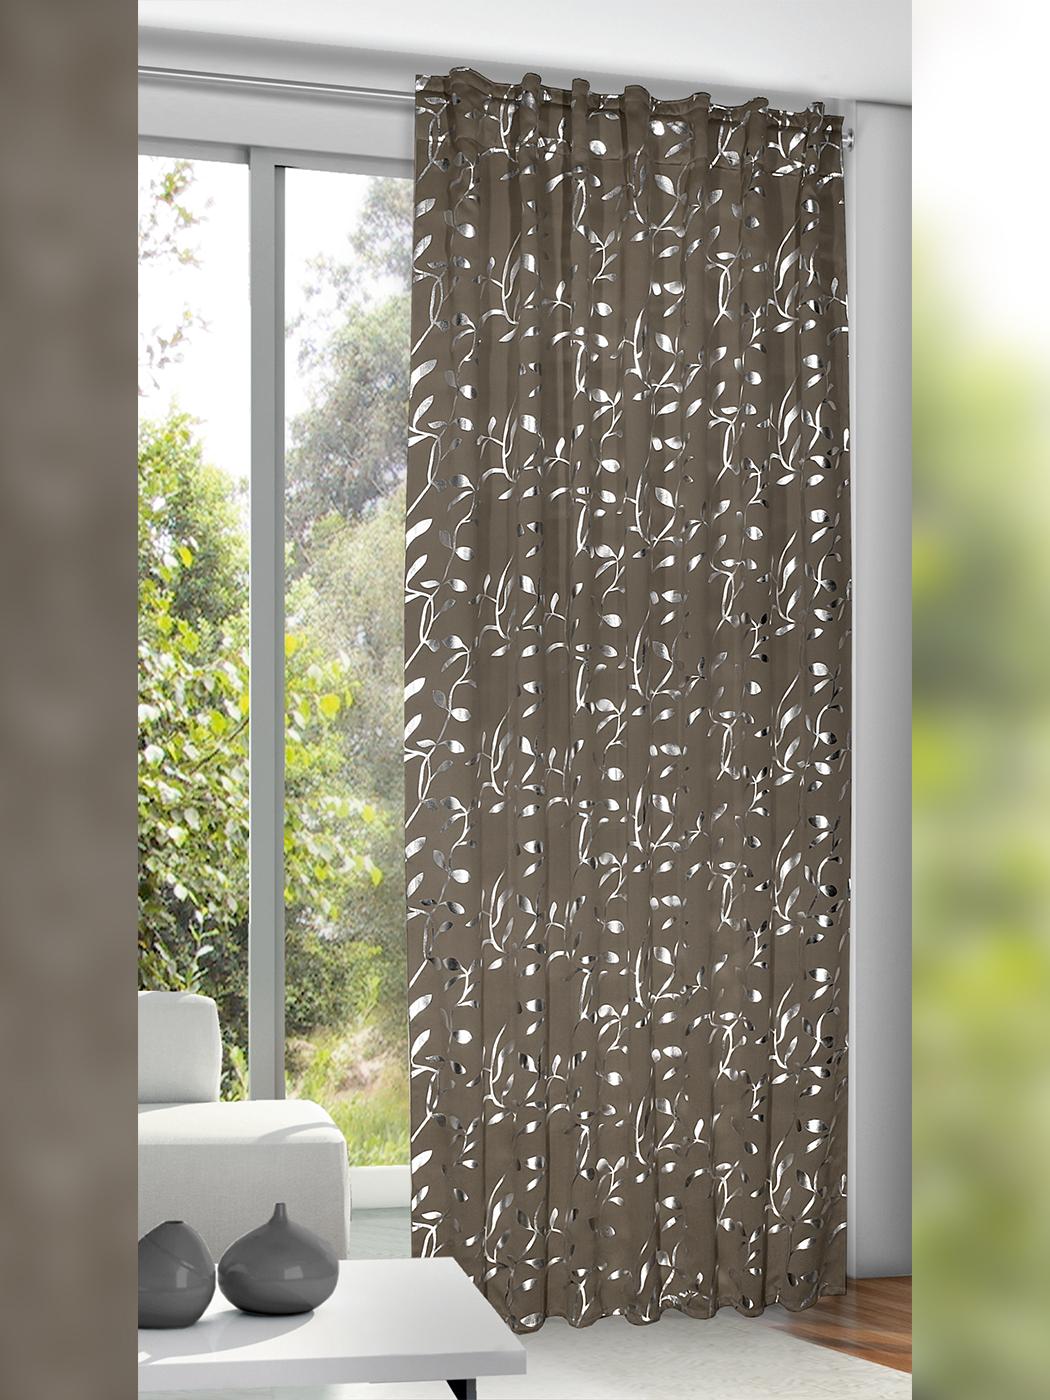 Full Size of Blickdichte Gardinen Verdunkelungsvorhang Taupe Braun Silber Schlafzimmer Für Küche Fenster Die Scheibengardinen Wohnzimmer Wohnzimmer Blickdichte Gardinen